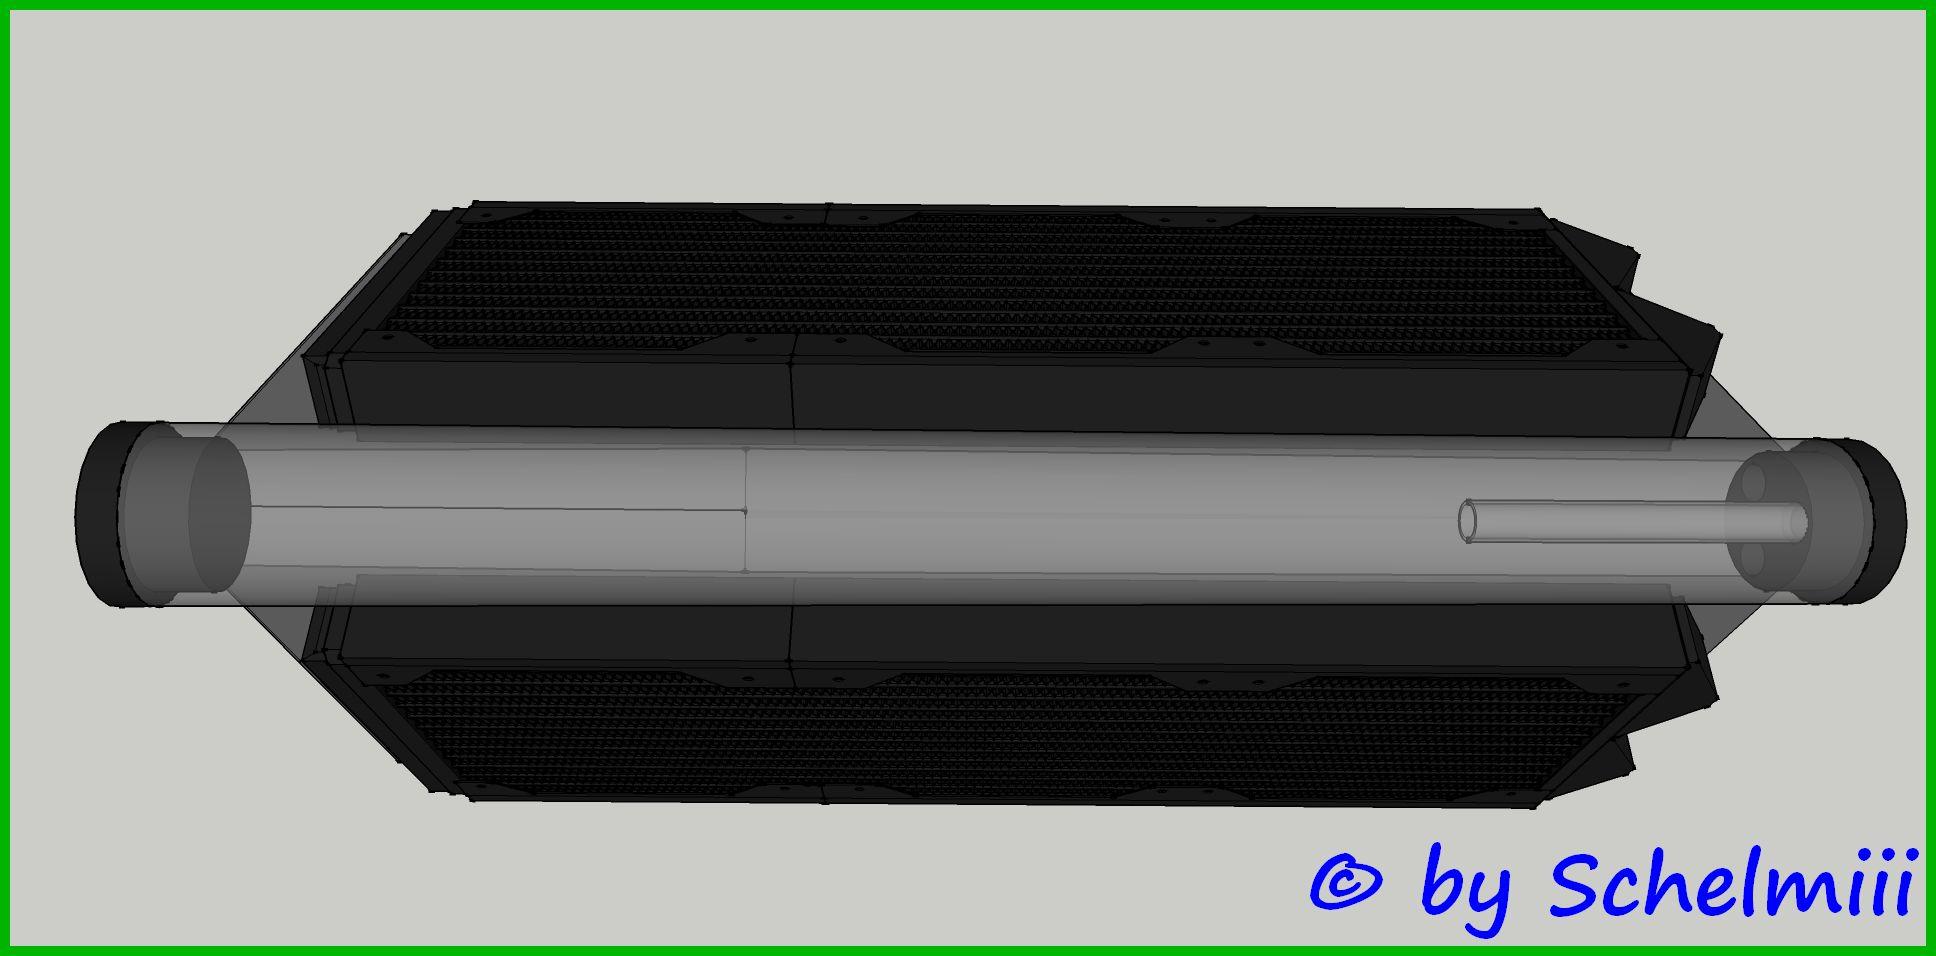 Klicken Sie auf die Grafik für eine größere Ansicht  Name:Dachversion3mit Lüfter+Radi+Filter+AGB3_(ARC.Mod.bySchelmiii).jpg Hits:3432 Größe:134,2 KB ID:432299